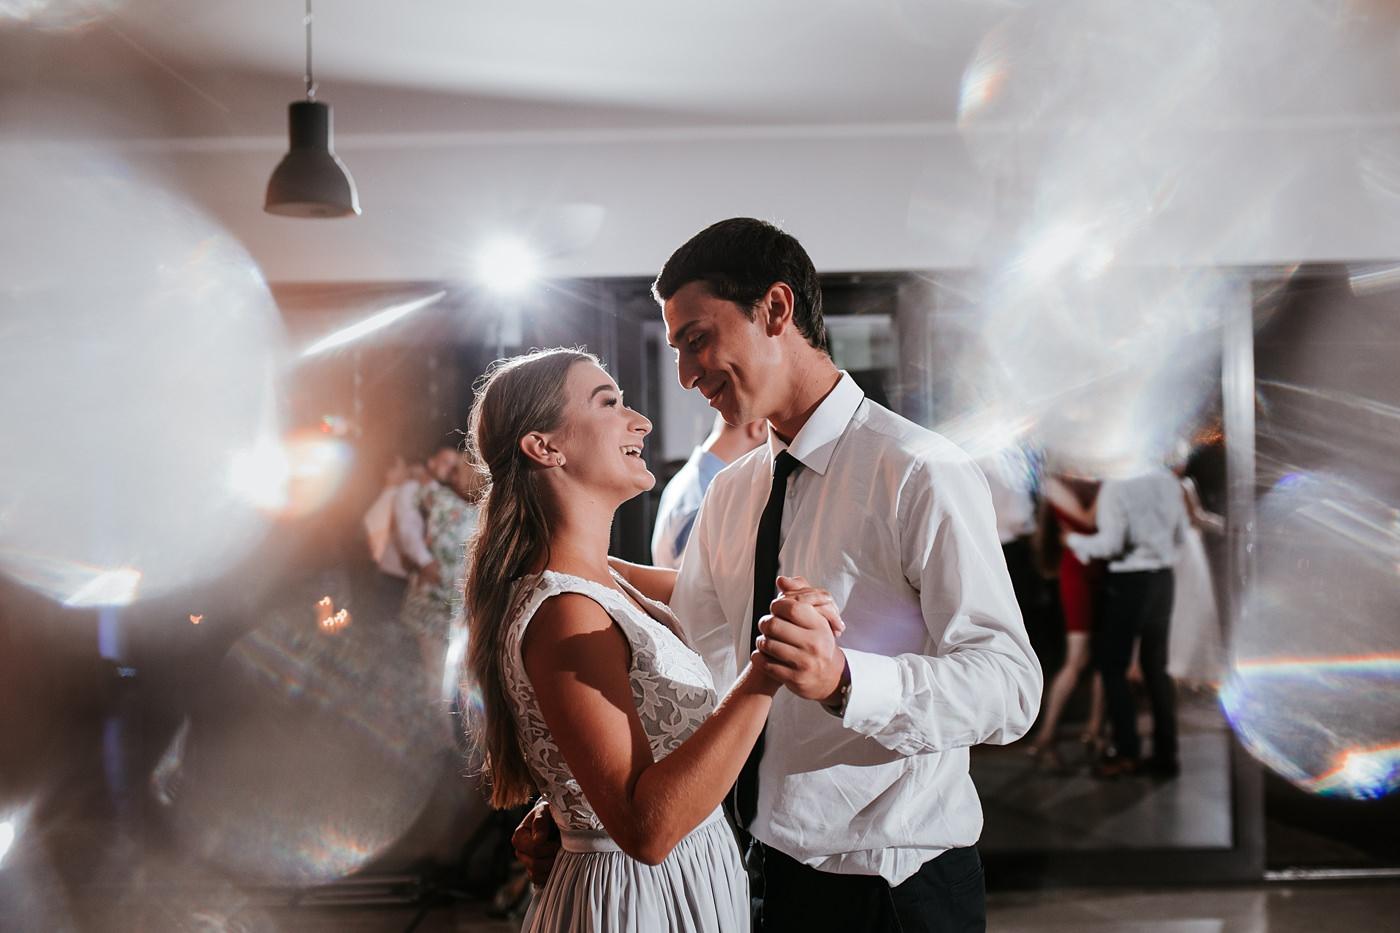 Anna & Wojtek - Ślub cywilny w plenerze - Barnówko w Sam Las 104